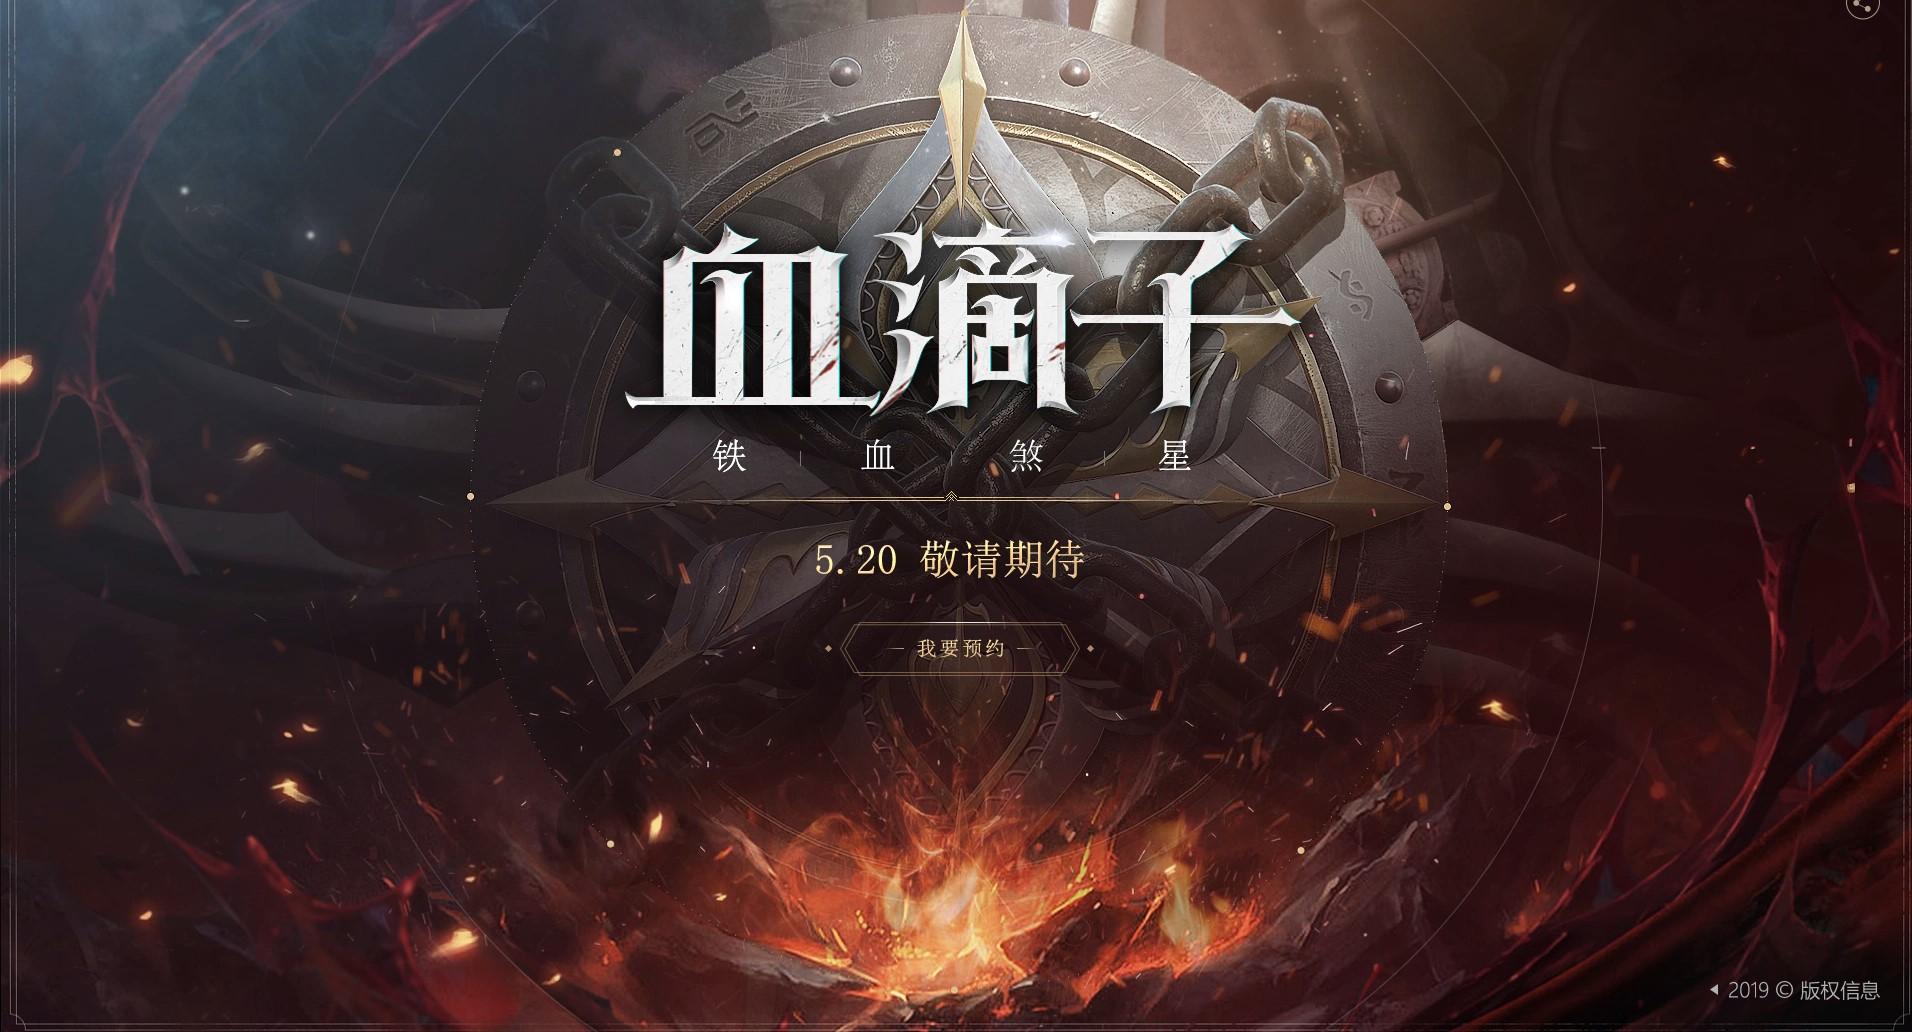 网易武侠新作《血滴子》曝光 5月20日正式公布